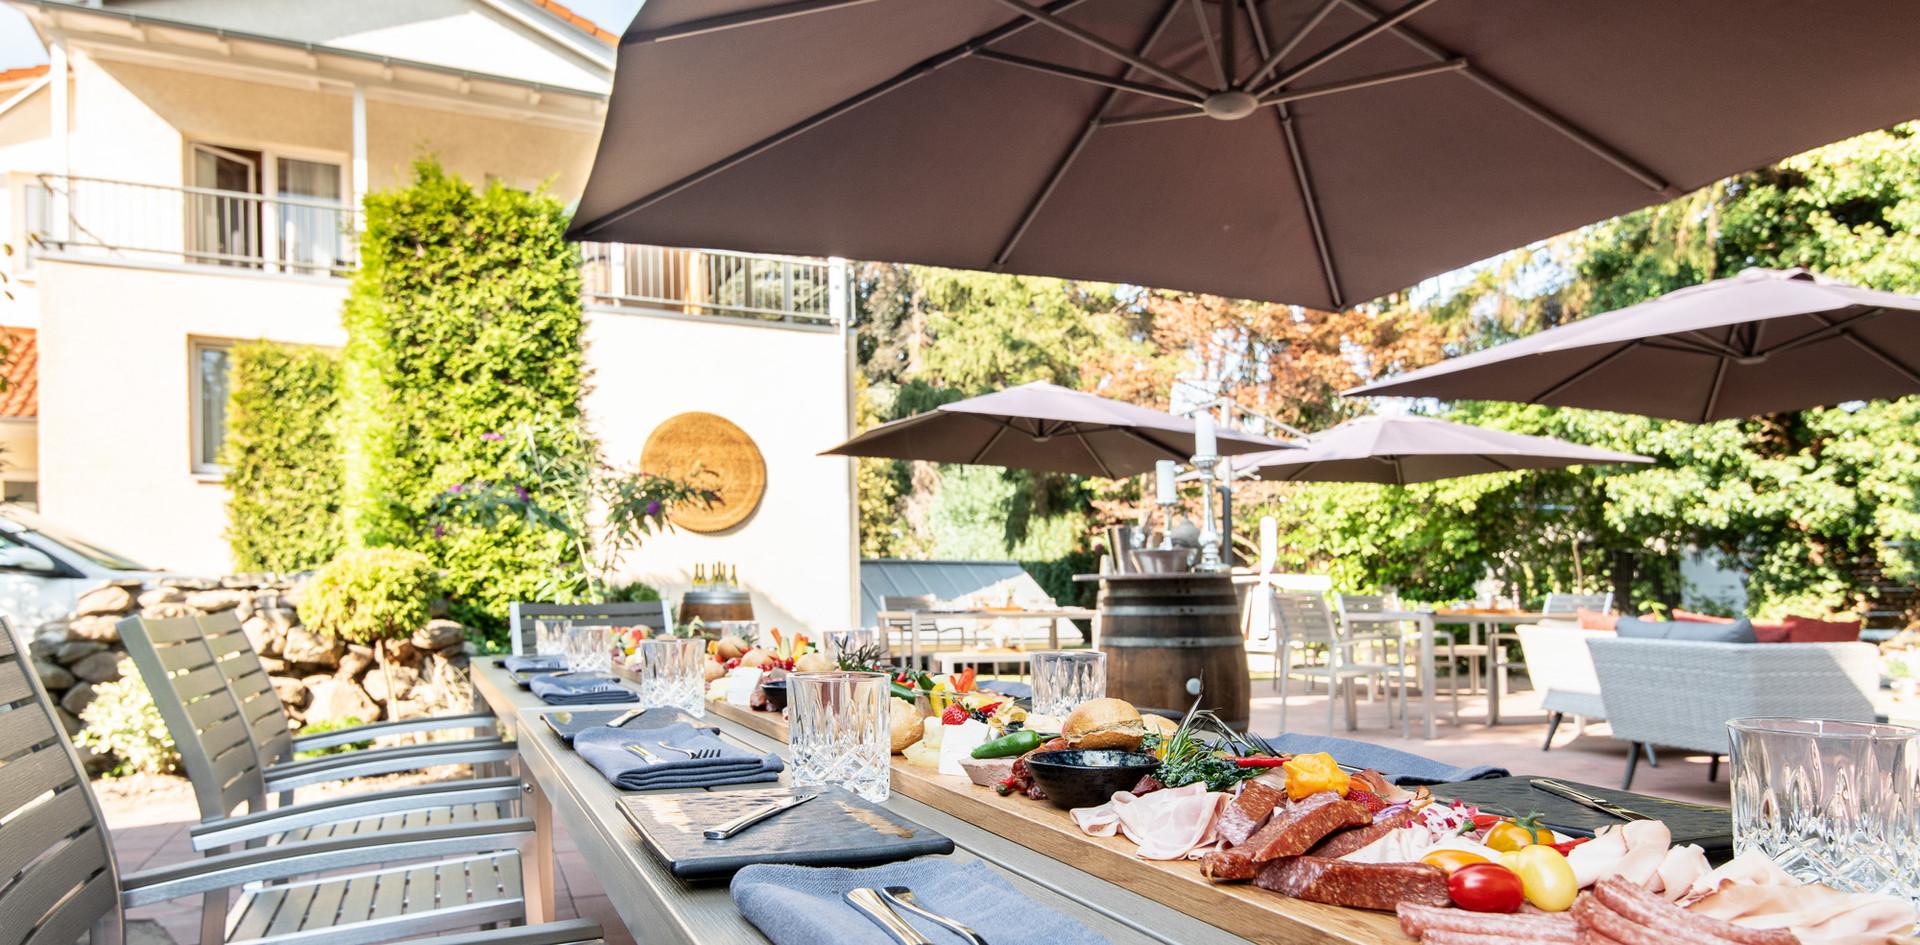 Vespa Platten Hotel Wegner - the culinary art hotel